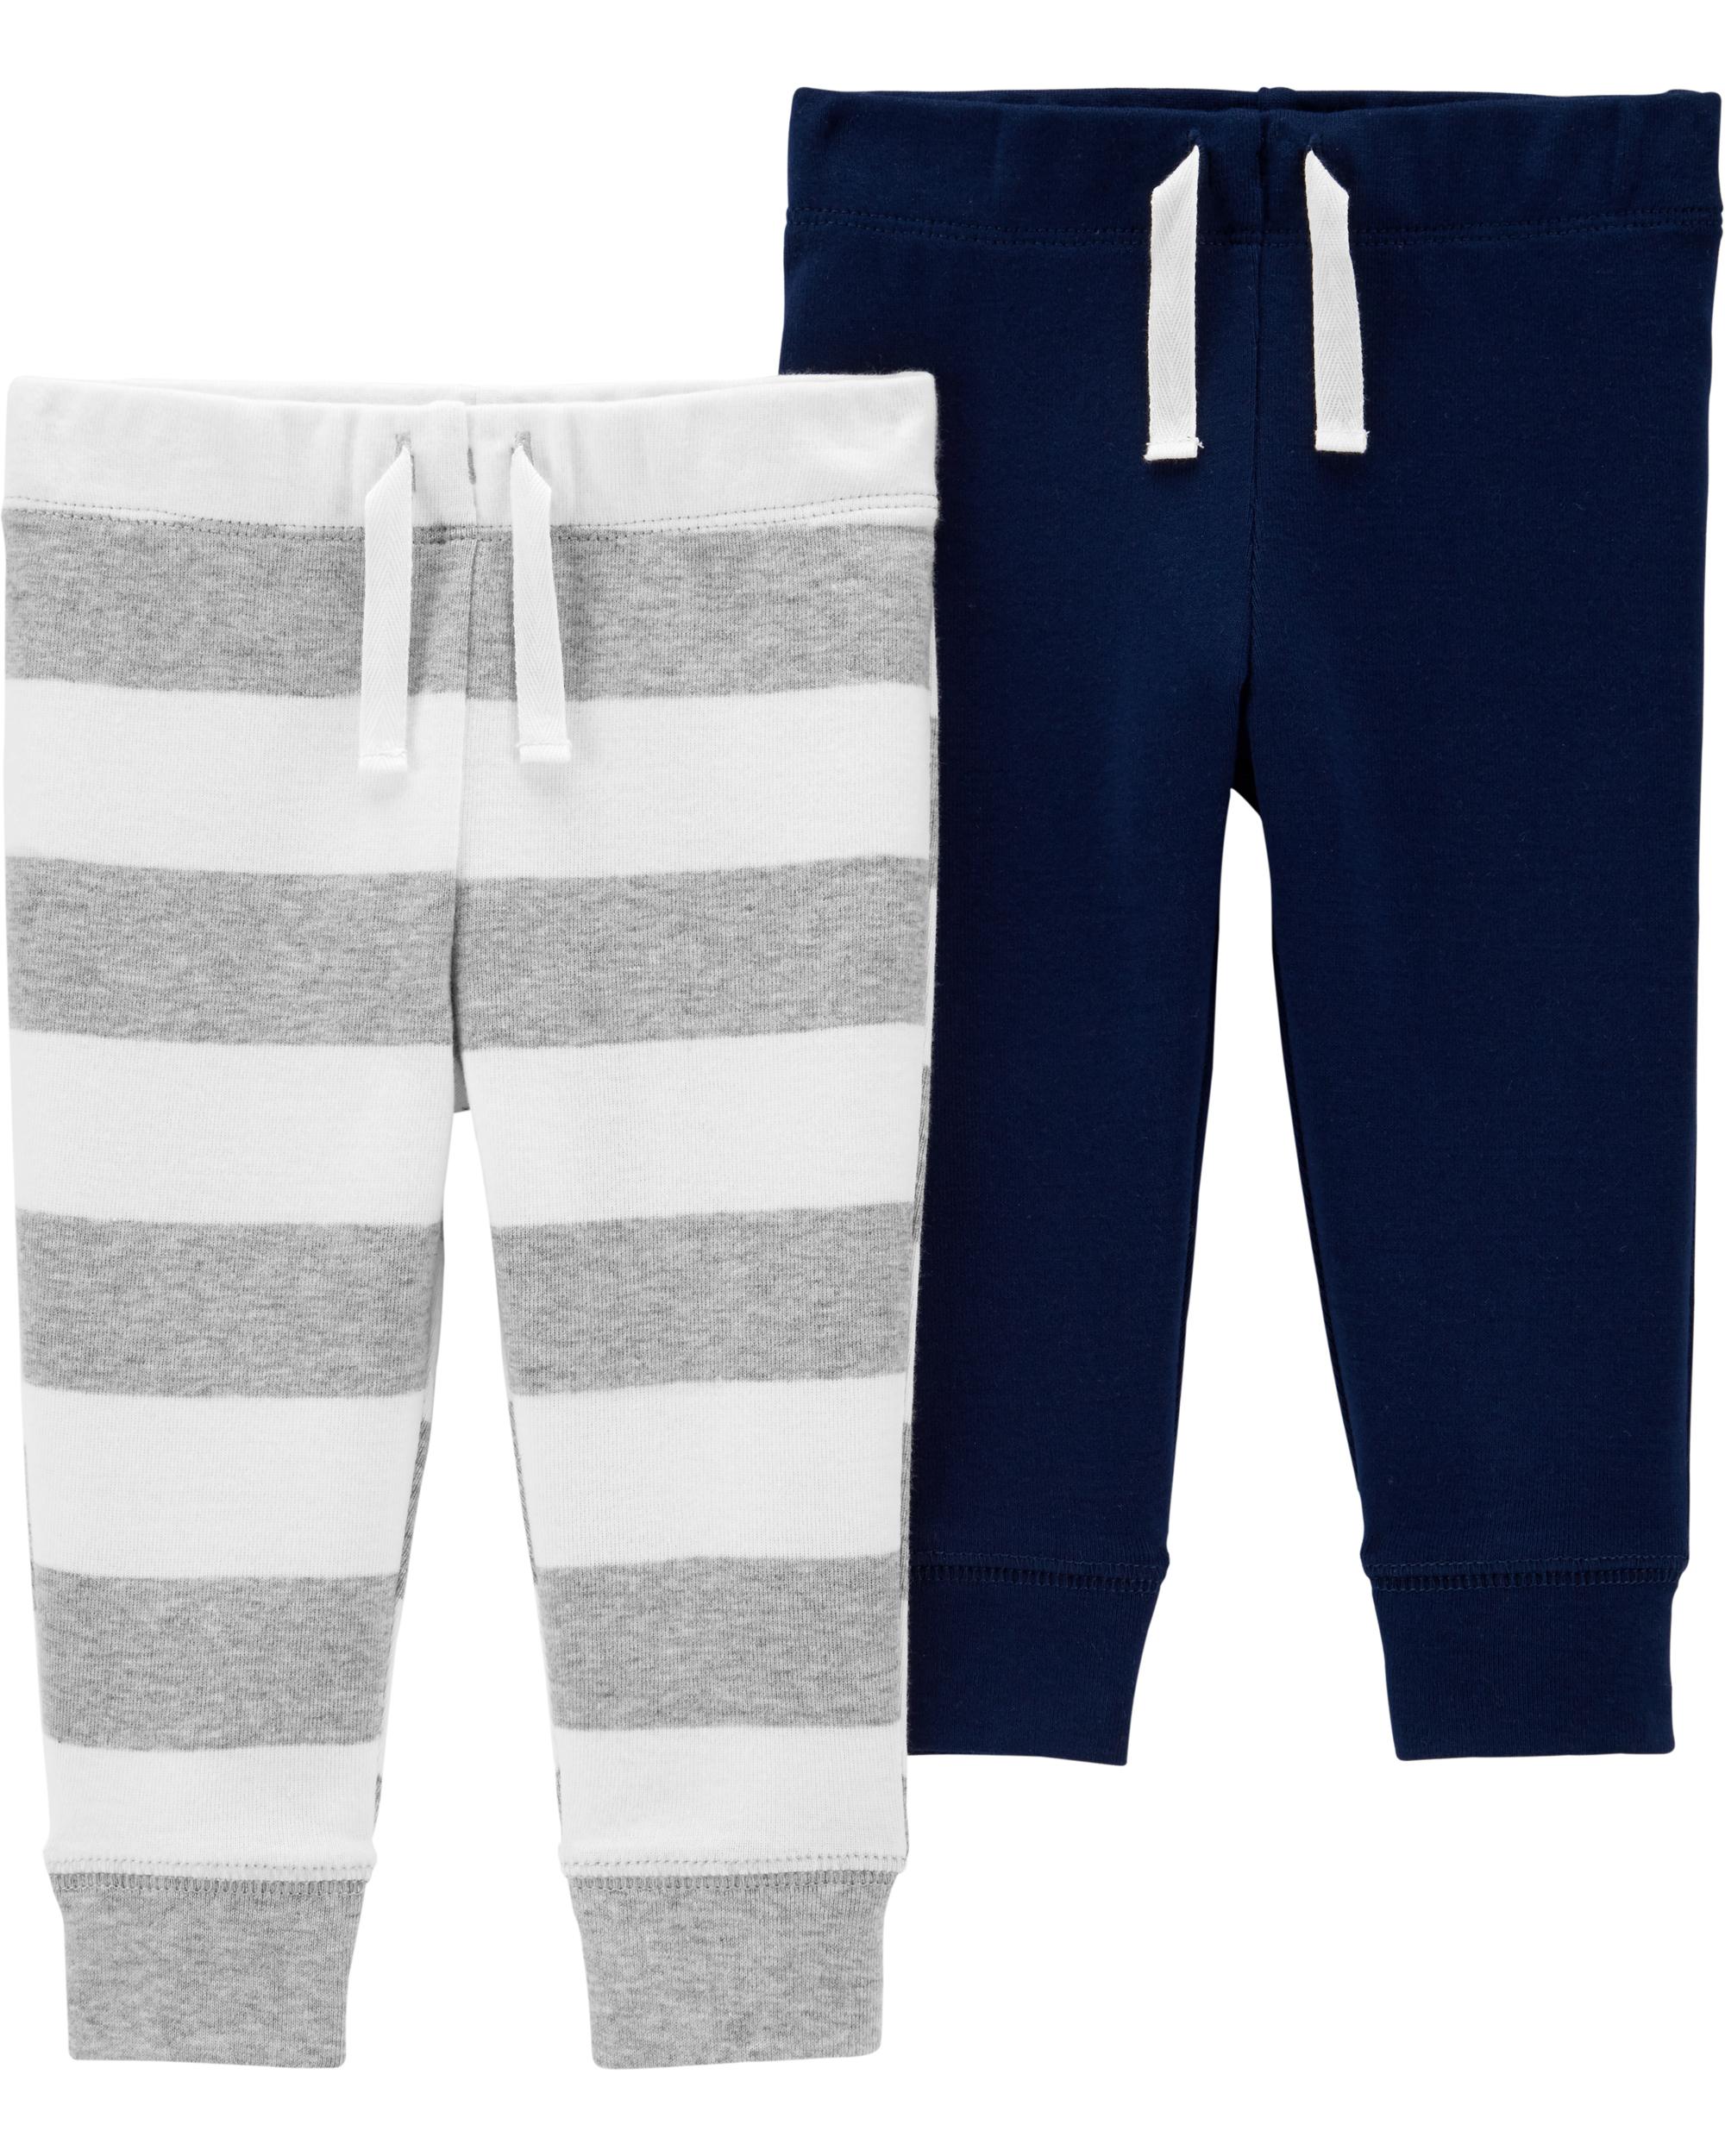 זוג מכנסיים פסים חלק